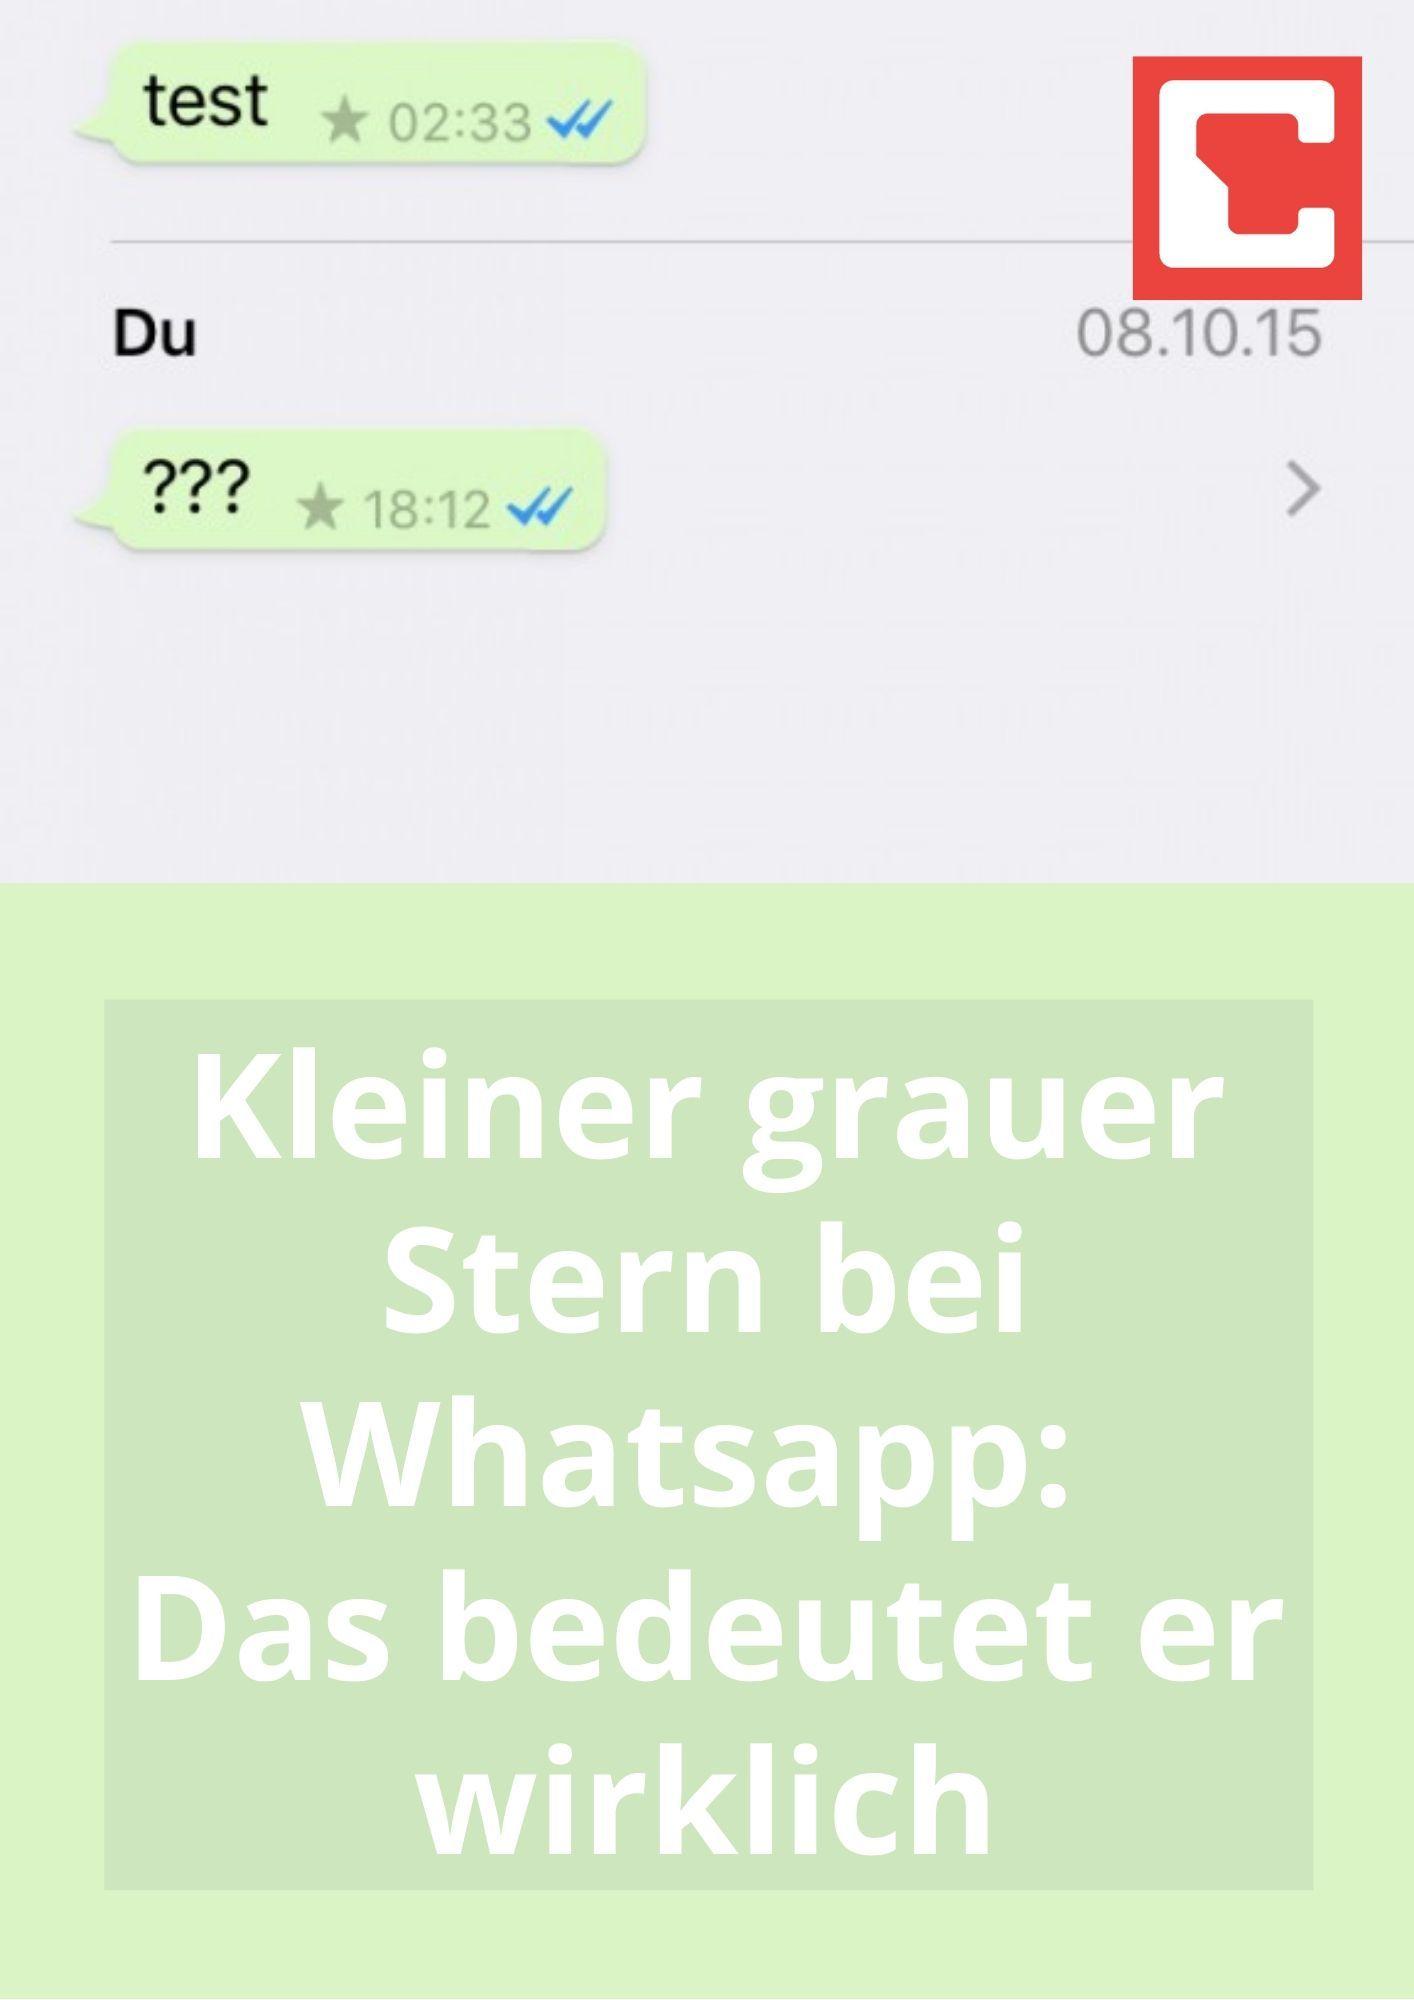 Stern In Whatsapp Nachrichten Mit Favoritenfunktion Markieren In 2020 Whatsapp Tipps Favoriten Whatsapp Funktionen